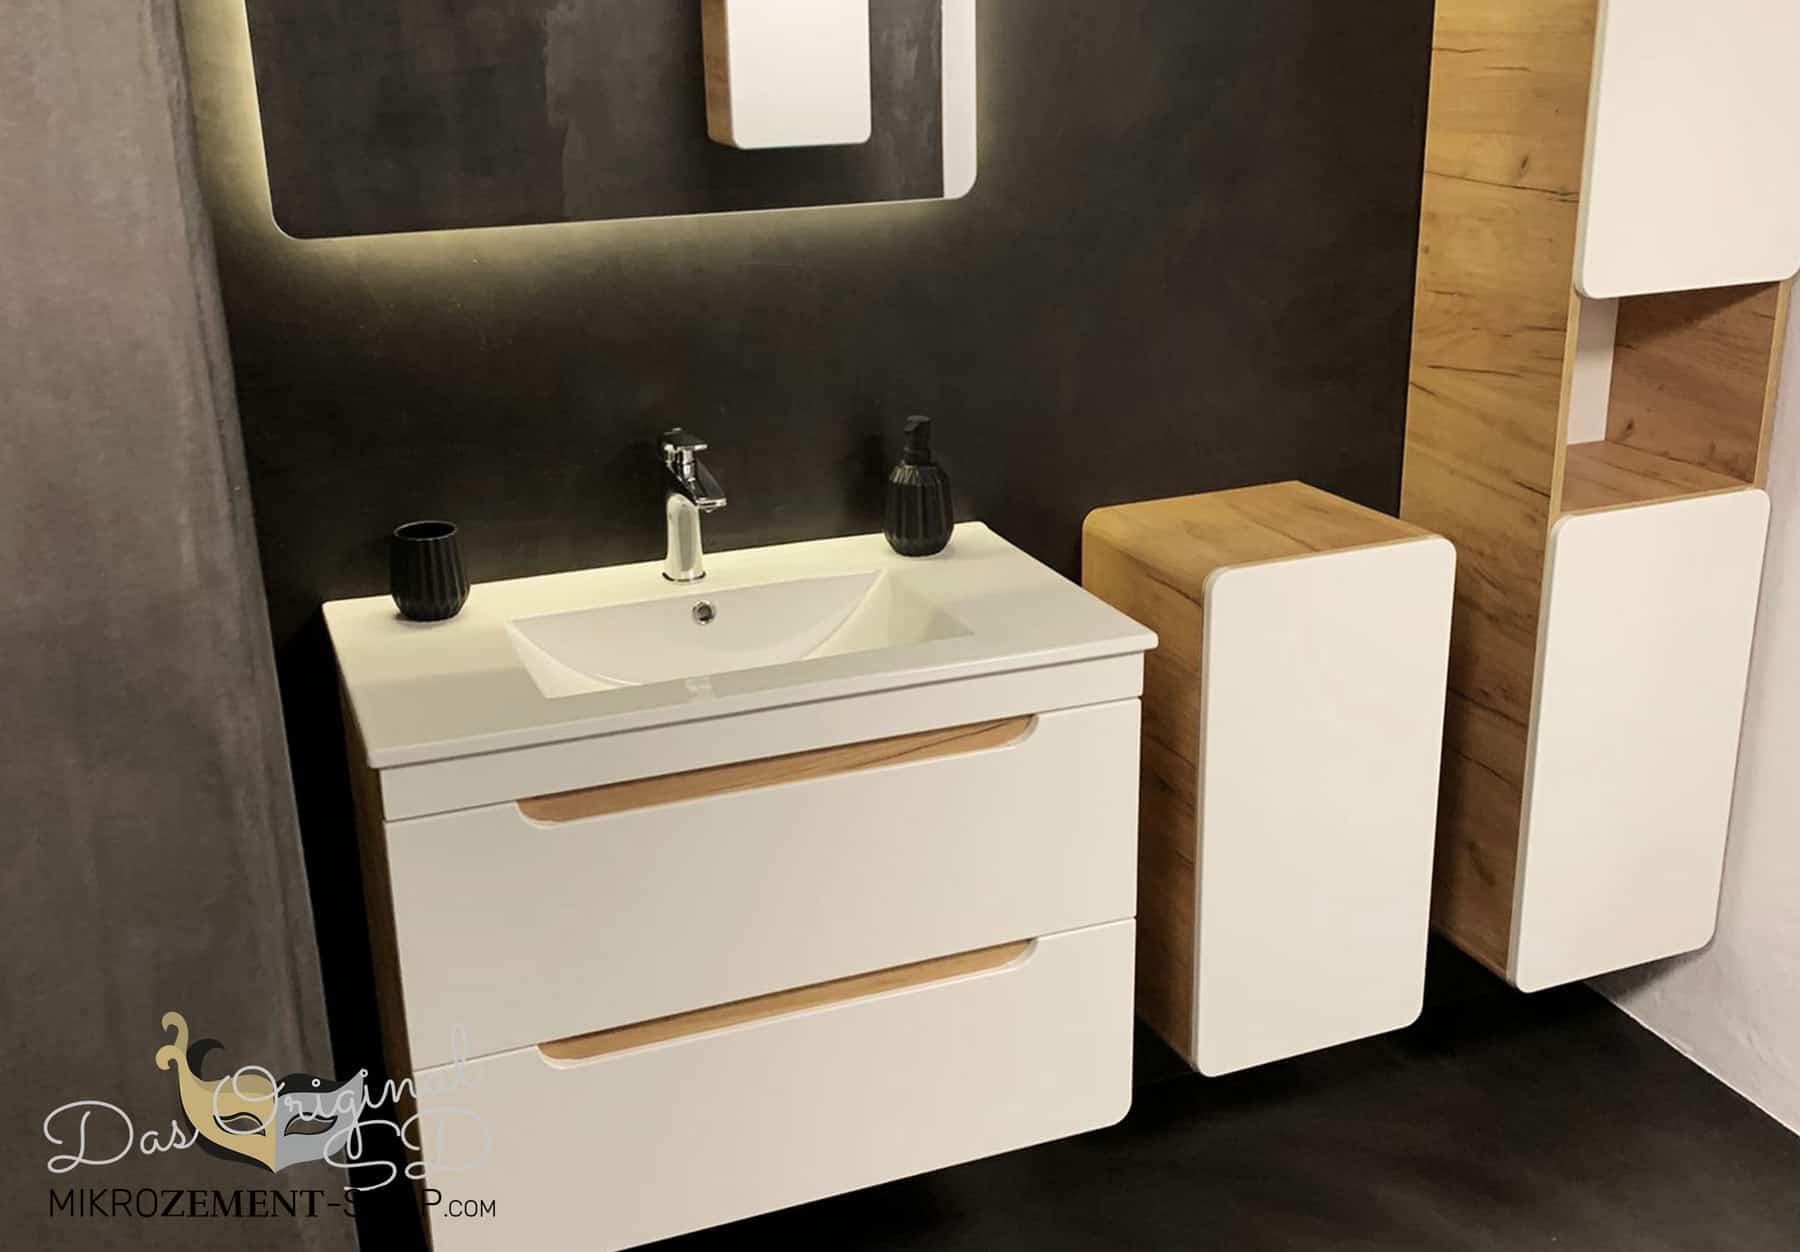 Mikrozement Badezimmer Dusche in Mikrozement